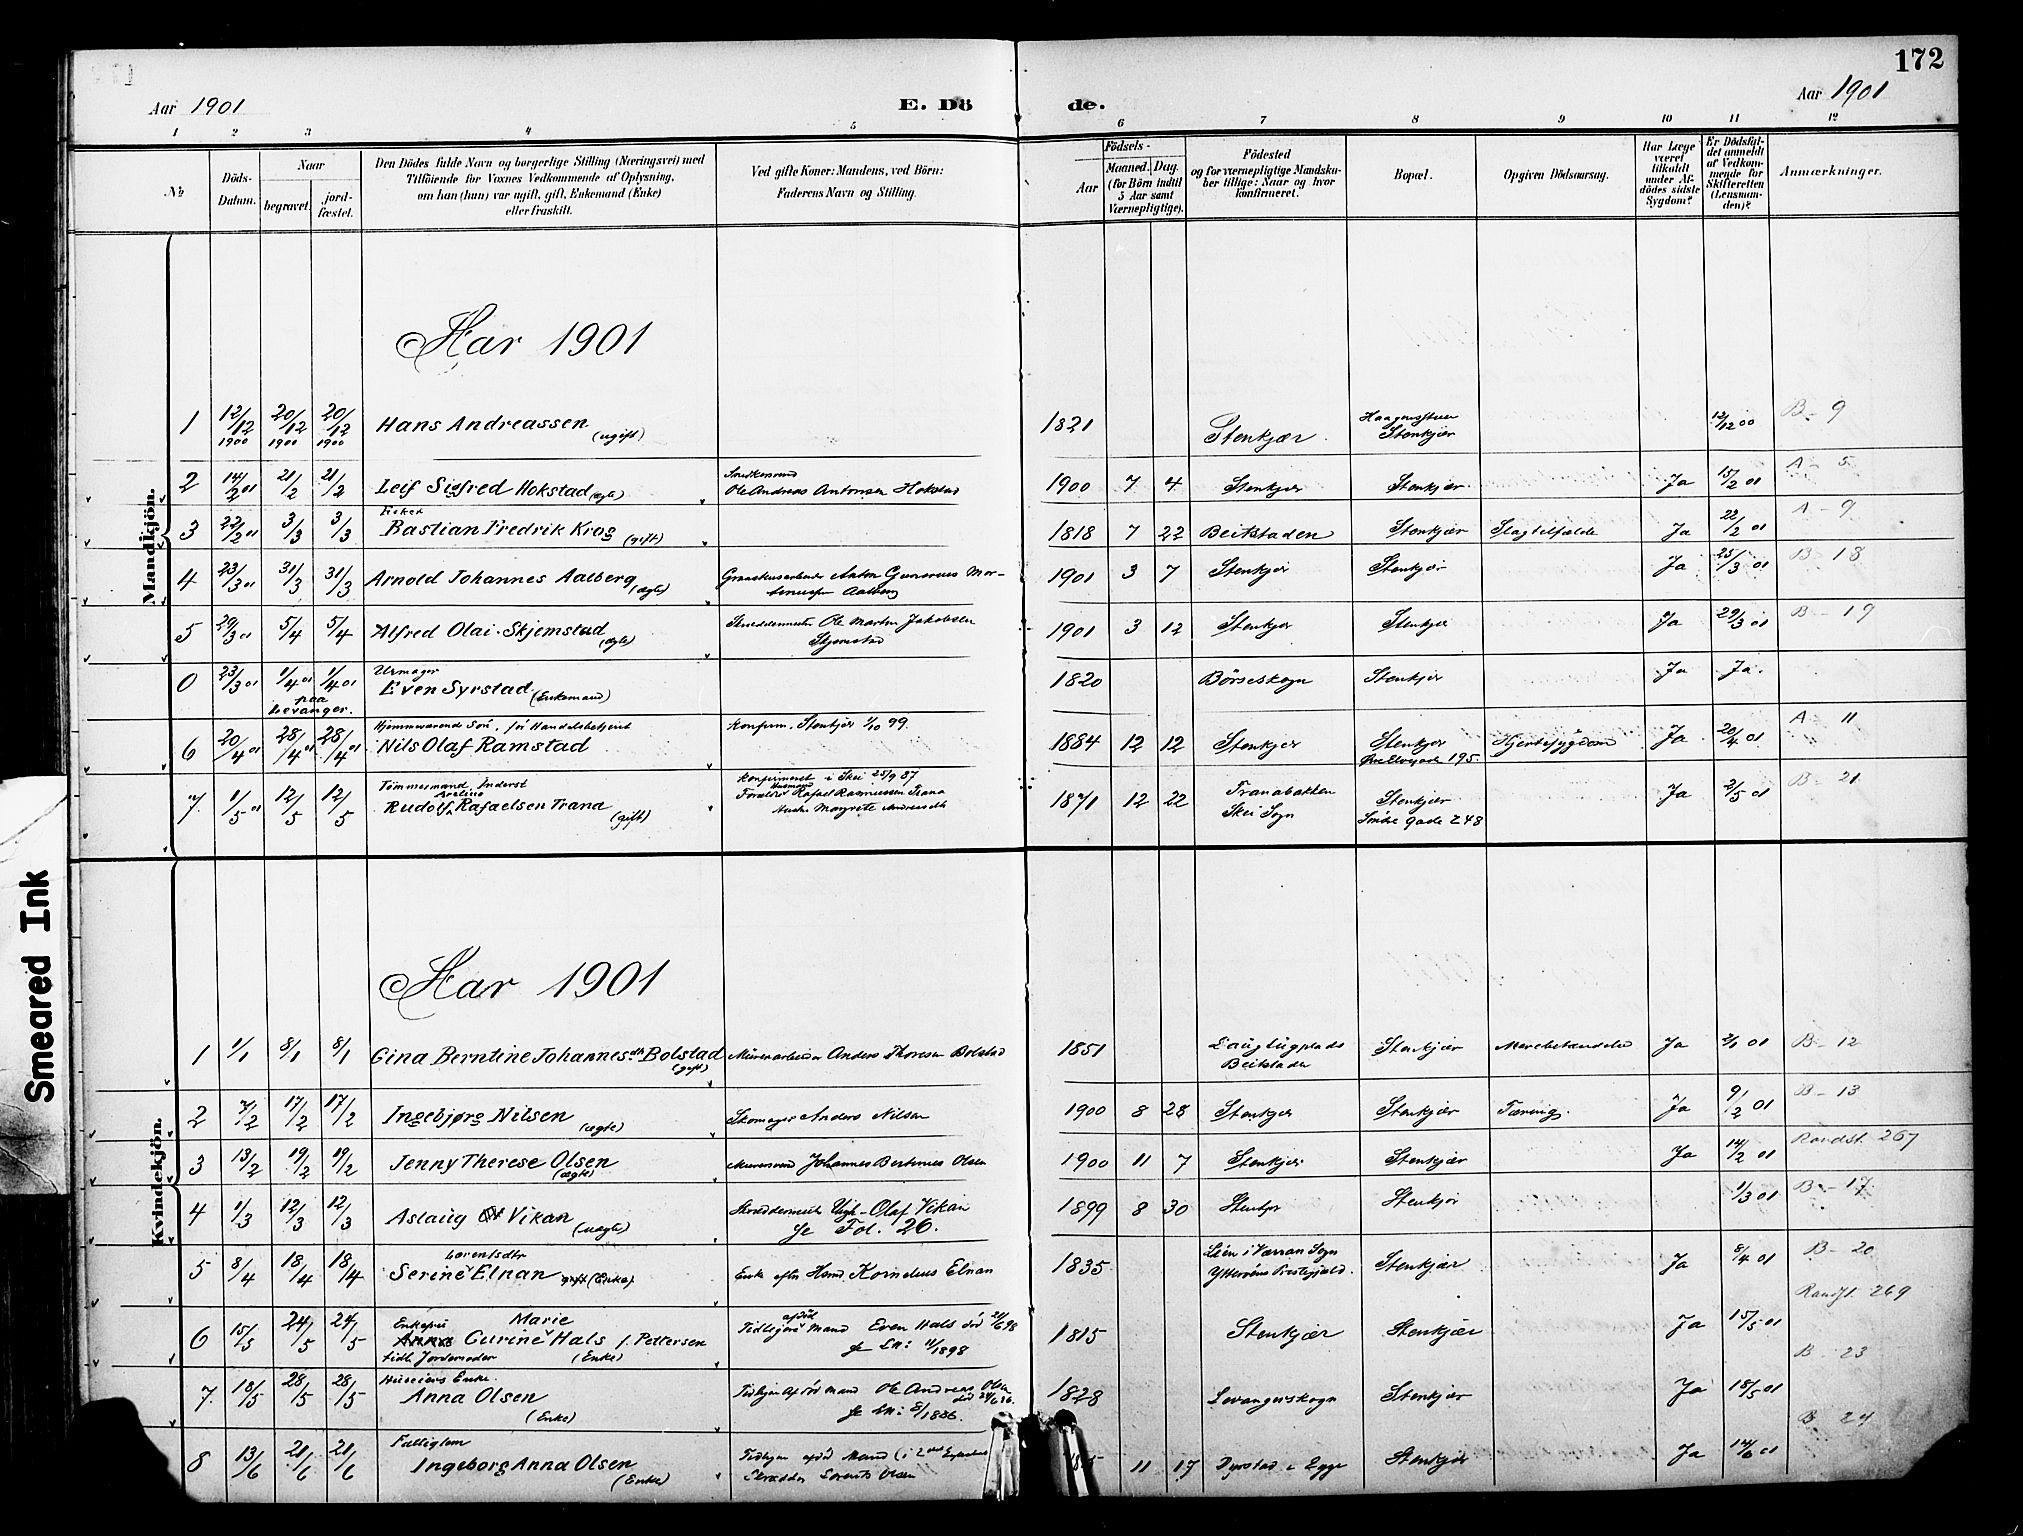 SAT, Ministerialprotokoller, klokkerbøker og fødselsregistre - Nord-Trøndelag, 739/L0372: Ministerialbok nr. 739A04, 1895-1903, s. 172